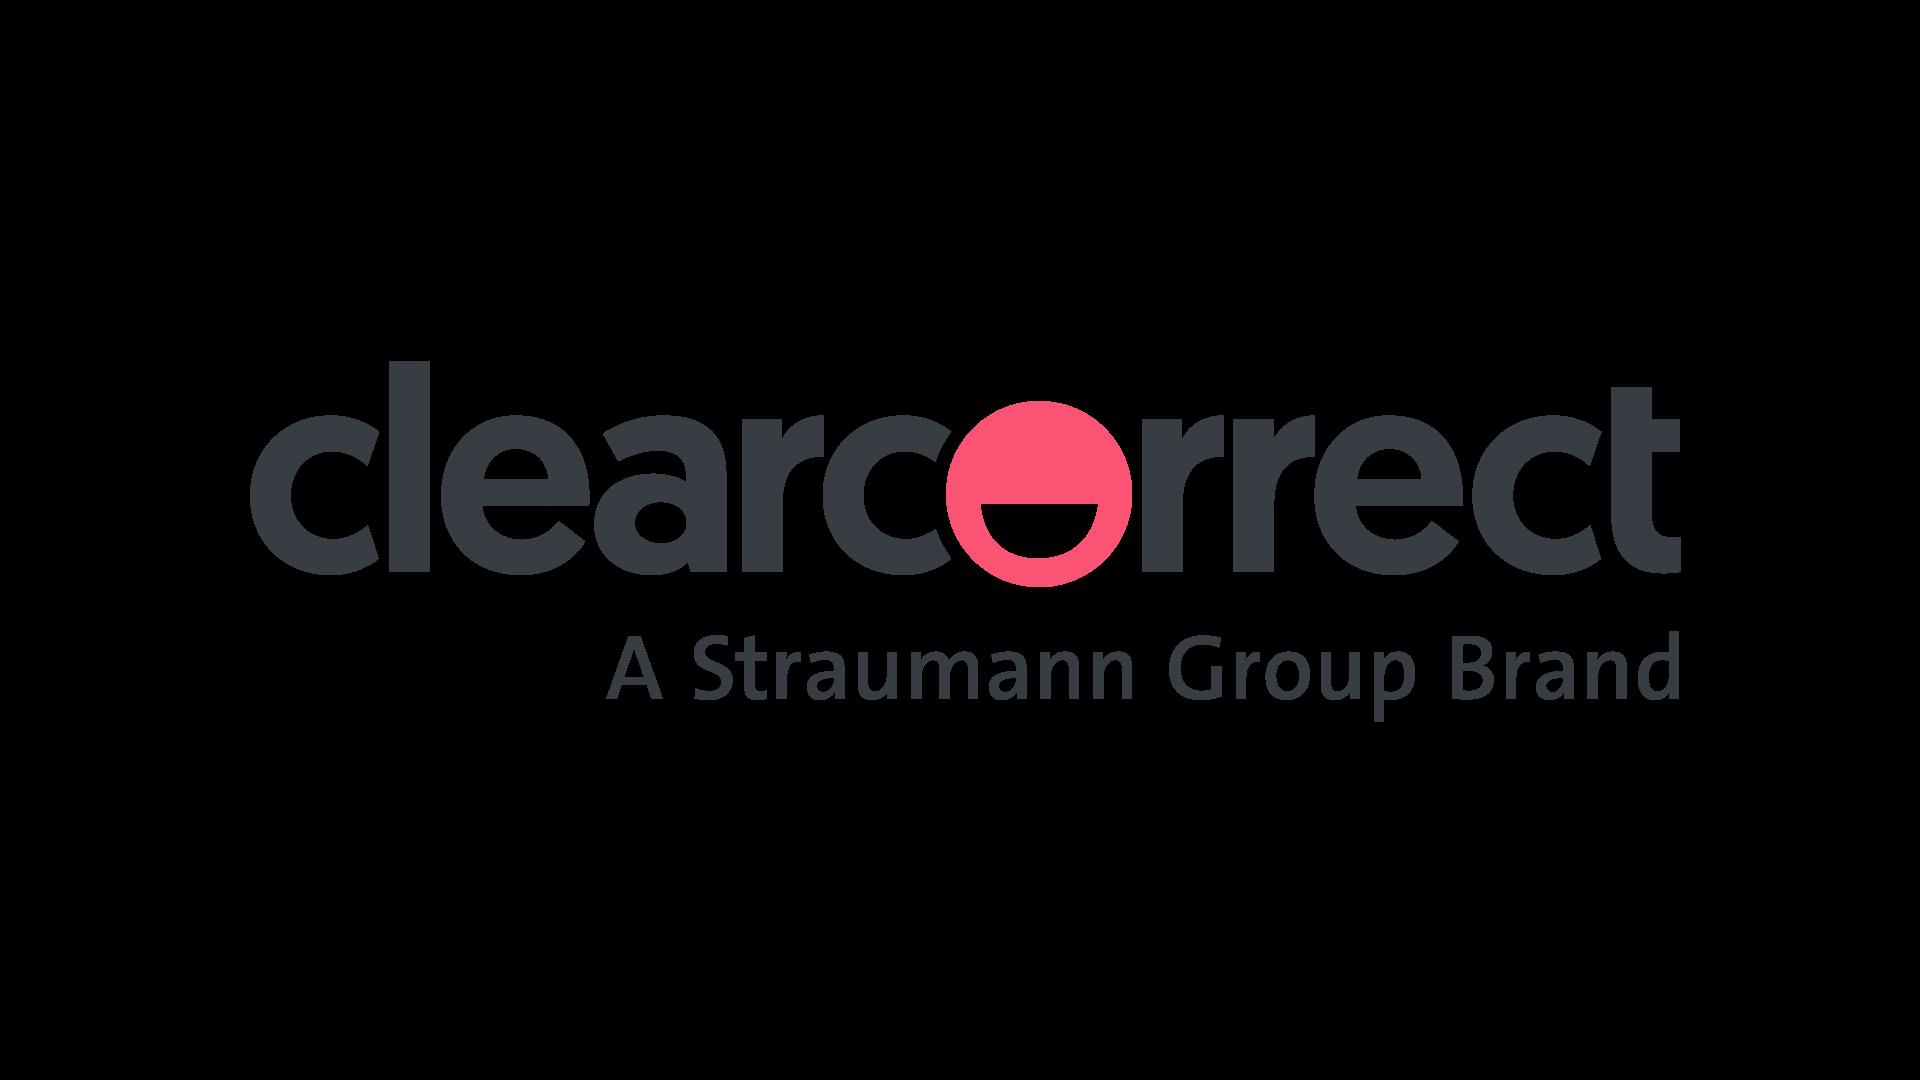 ClearCorrect_STMN_Logo_PinkMark_RGB_V3.png